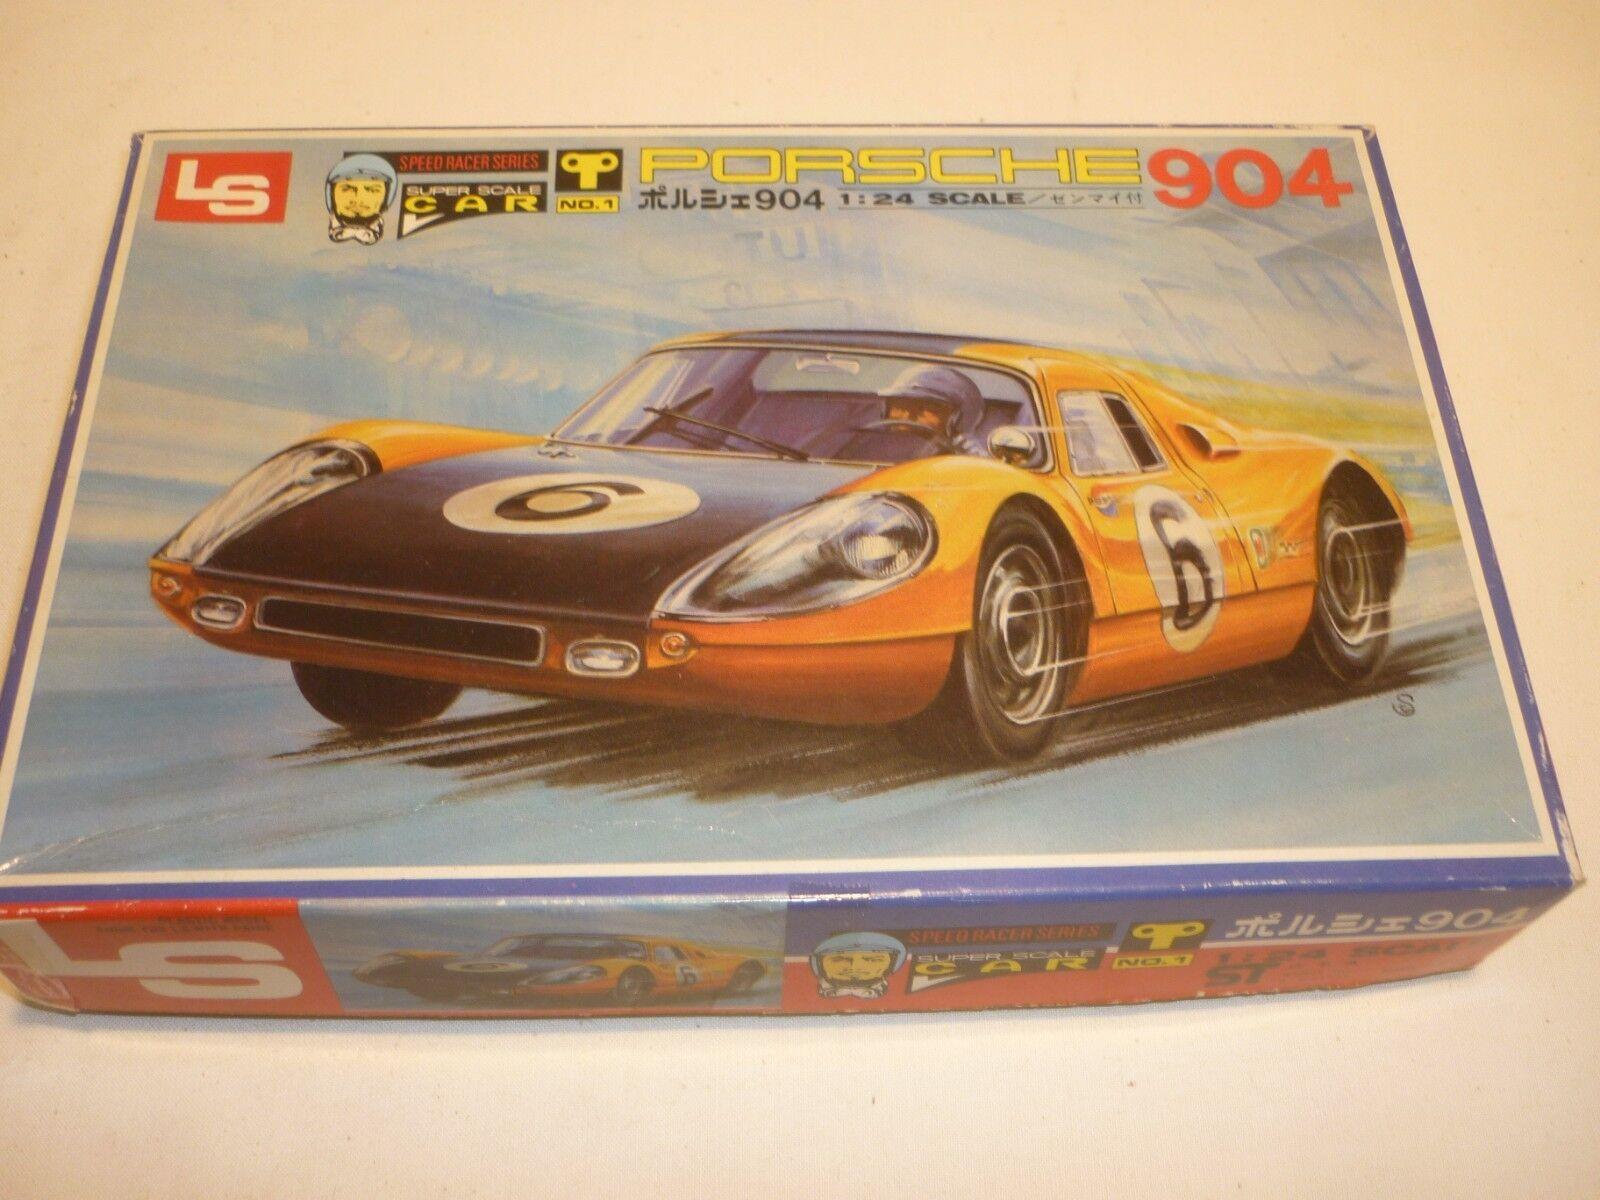 En väldigt sällsynt LS -plastkit av en Porsche 904...Behållare, instruktioner